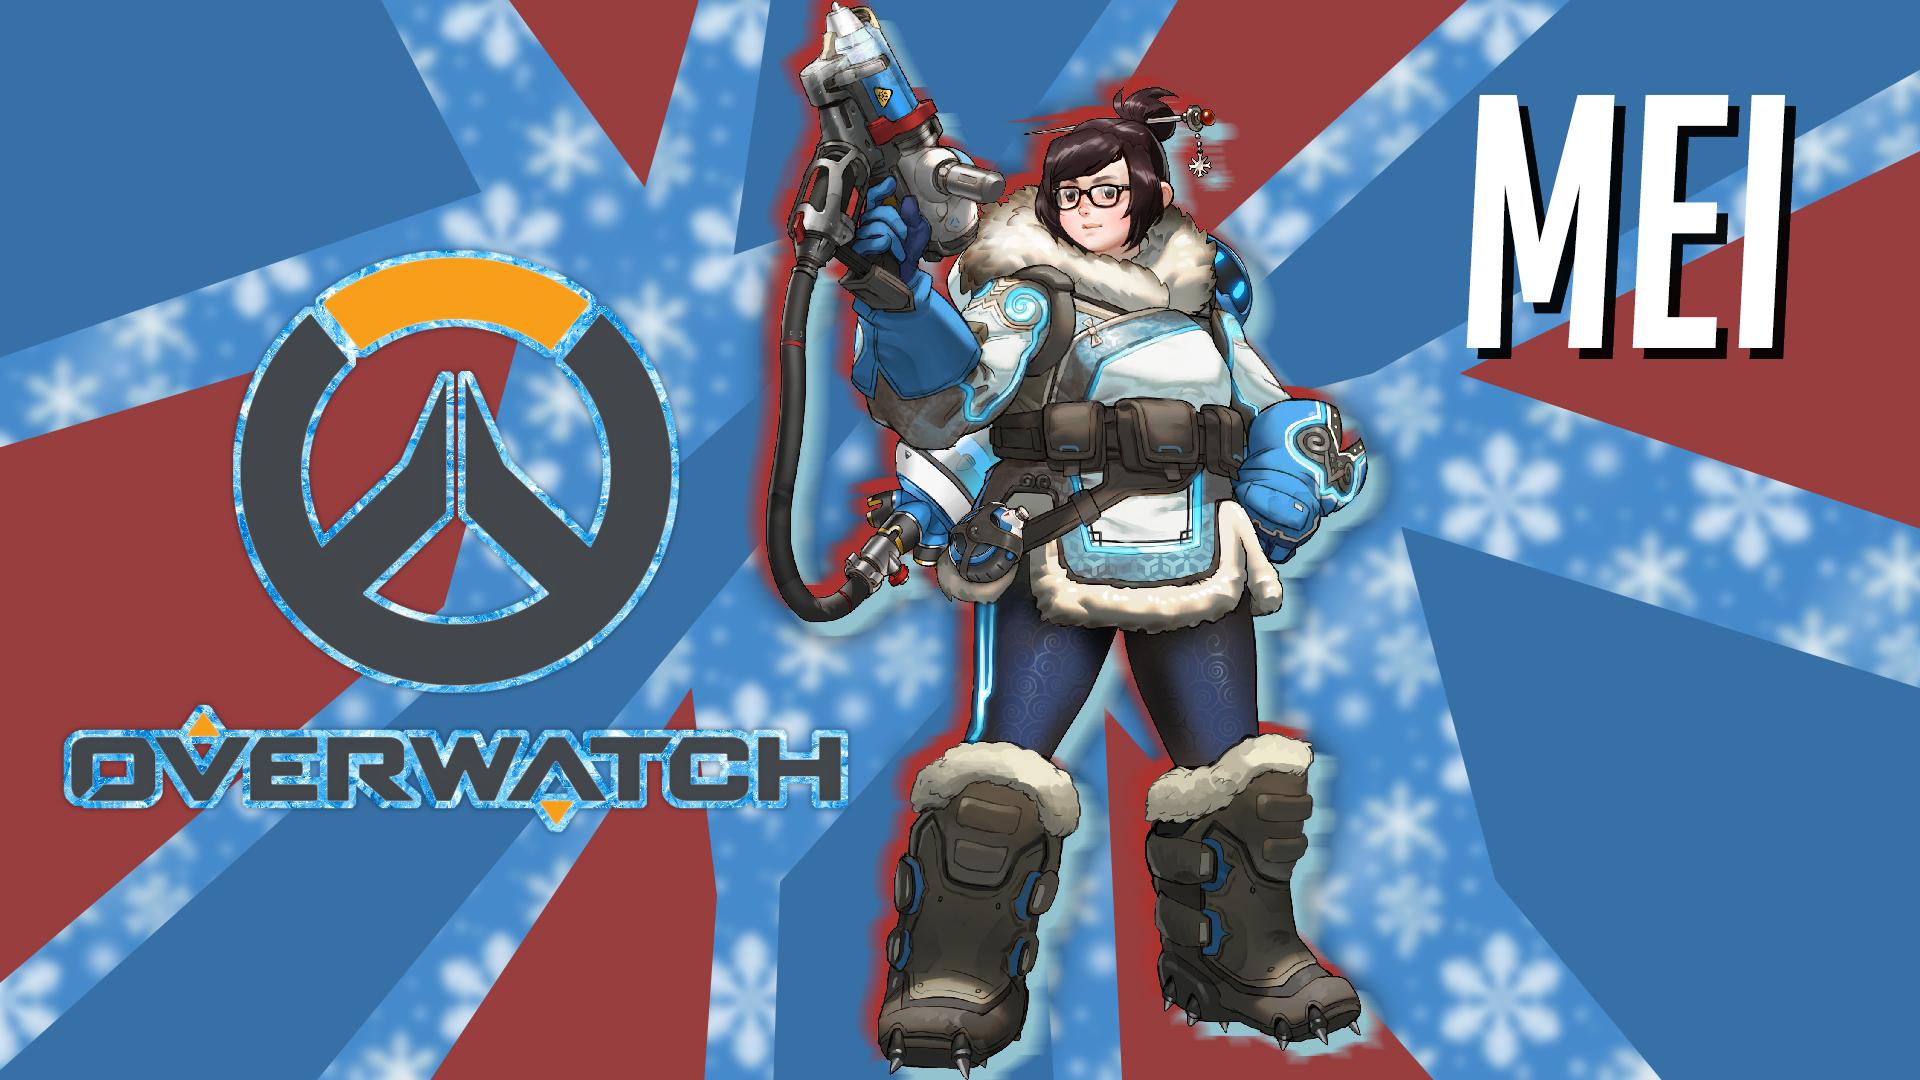 Mei from overwatch wallpaper by stiv2001 on deviantart - Mei wallpaper ...